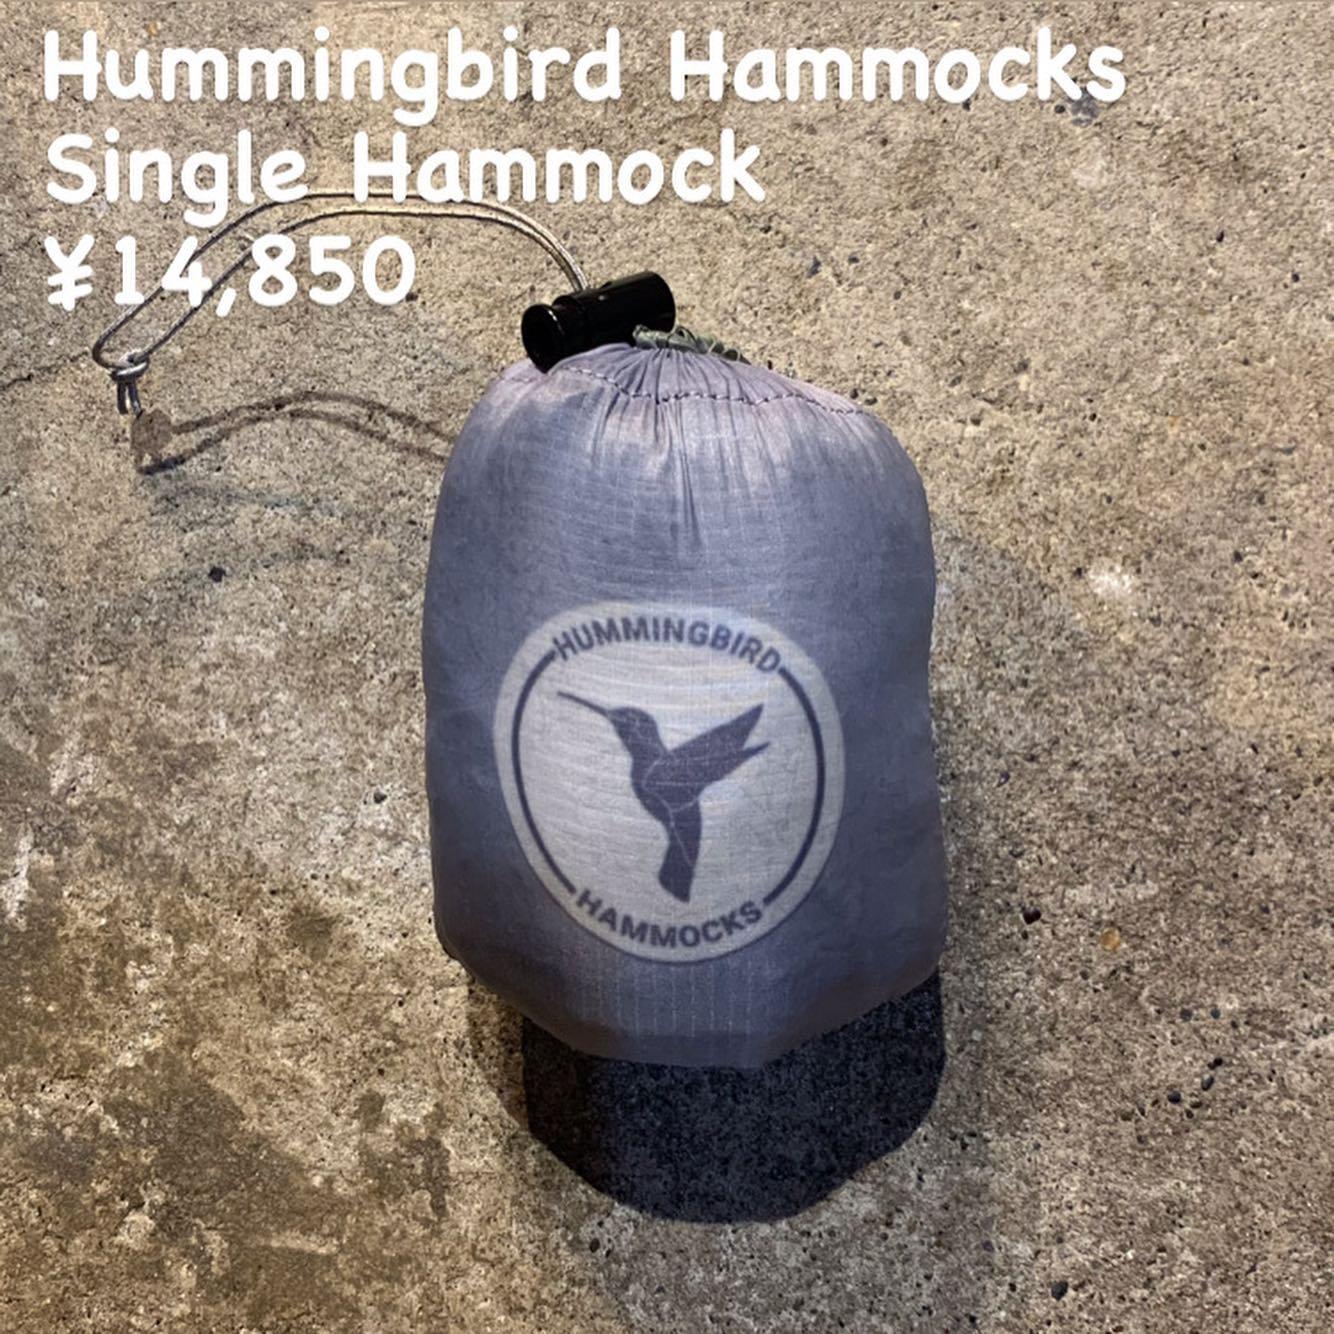 手の平にのる最小最軽量ハンモックの決定版『Hummingbird Hammocks シングルハンモック』のご紹介